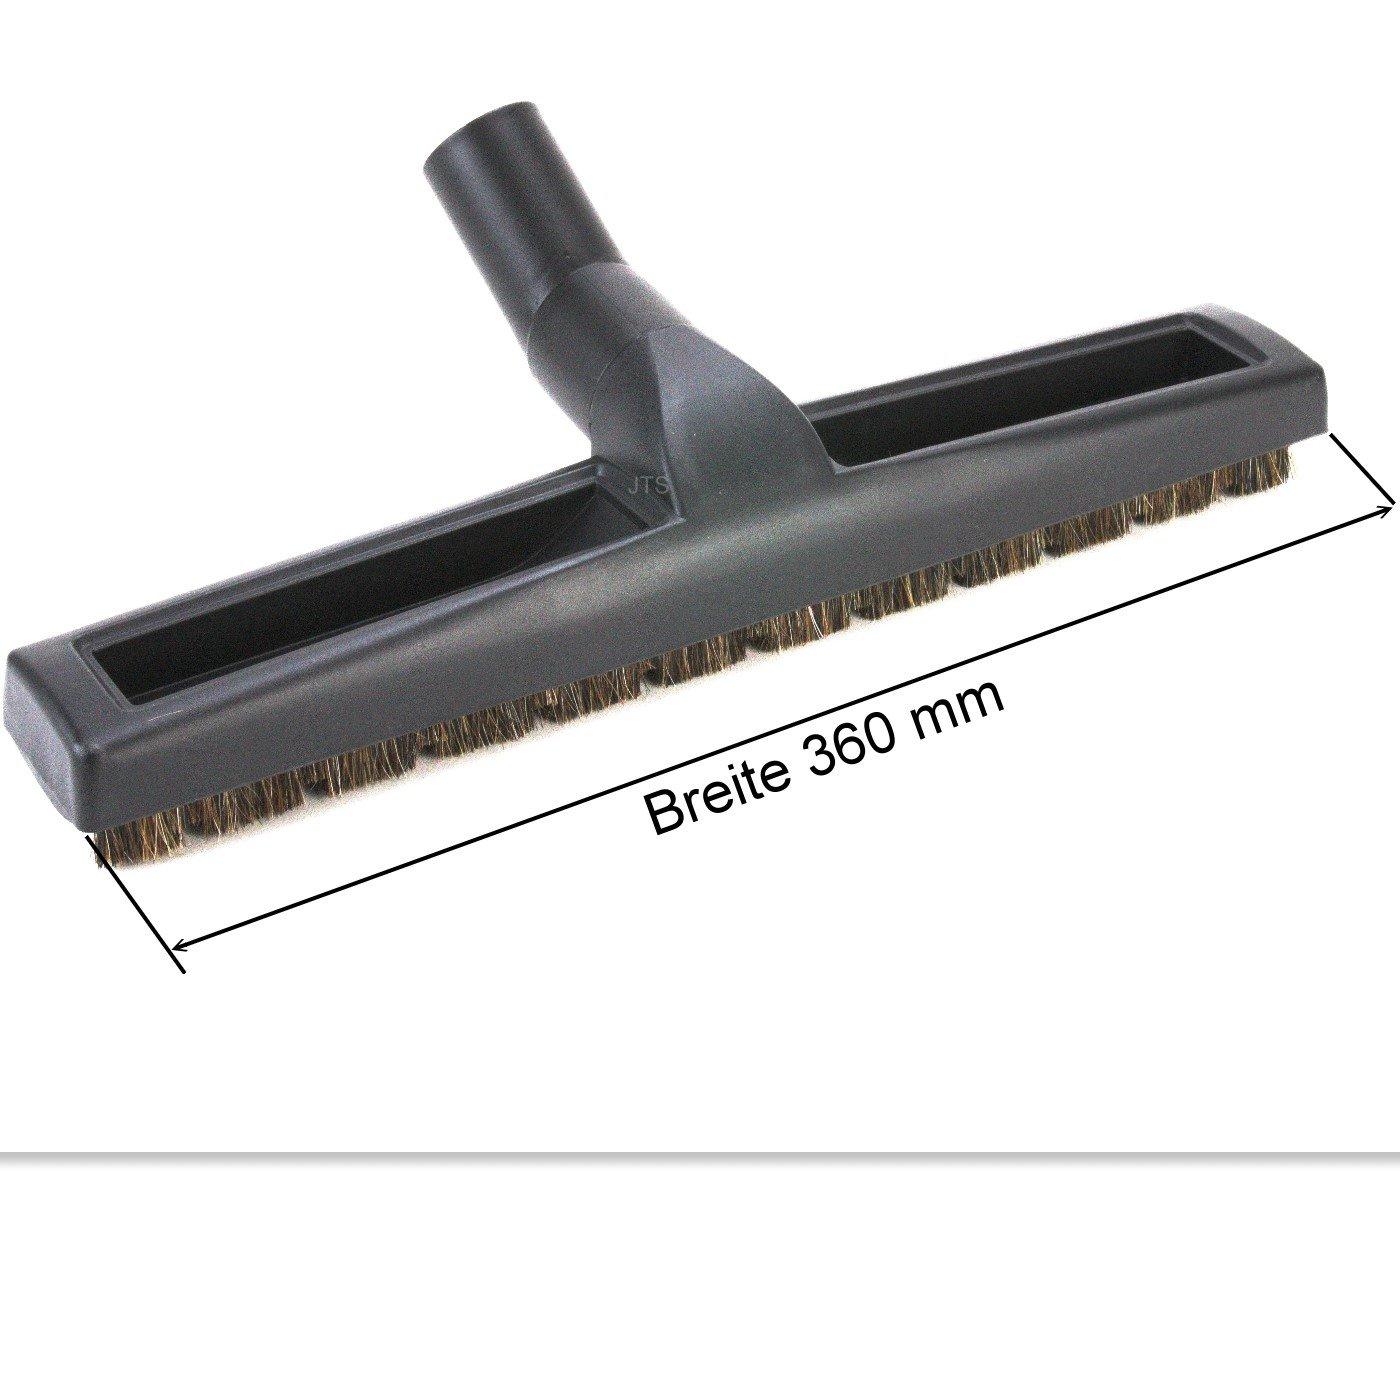 DeClean Staubsauger Parkettd/üse Staubsaugerb/ürste Hartbodend/üse Laminatd/üse Extra Breit 360 mm Ersatz f/ür 32 mm Universal